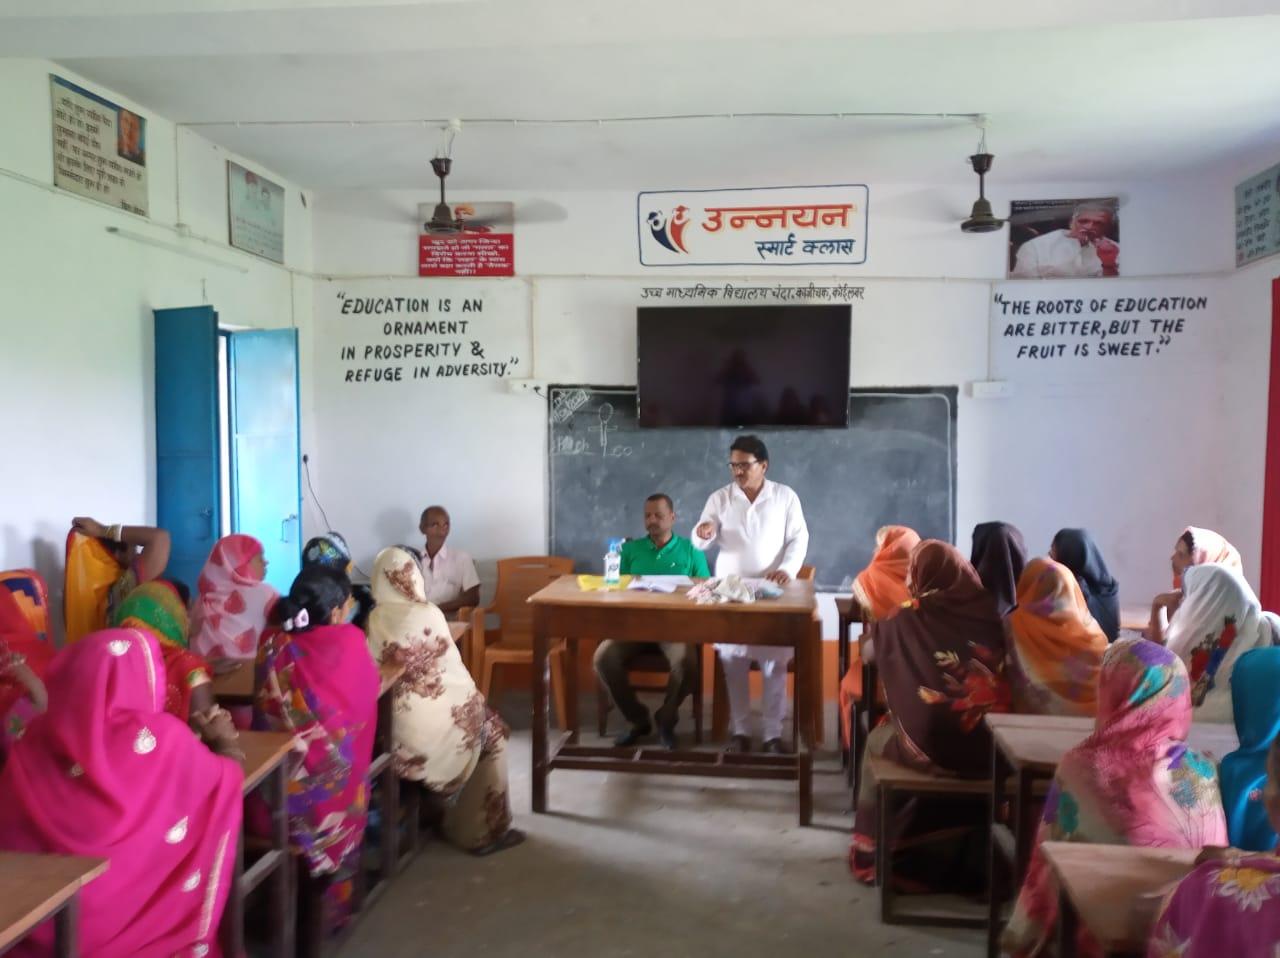 मध्य विद्यालय में पहले दिन  स्कूल खुलने पर बच्चों का किया गया स्वागत एवं विद्यालय शिक्षा समिति का हुआ गठन...